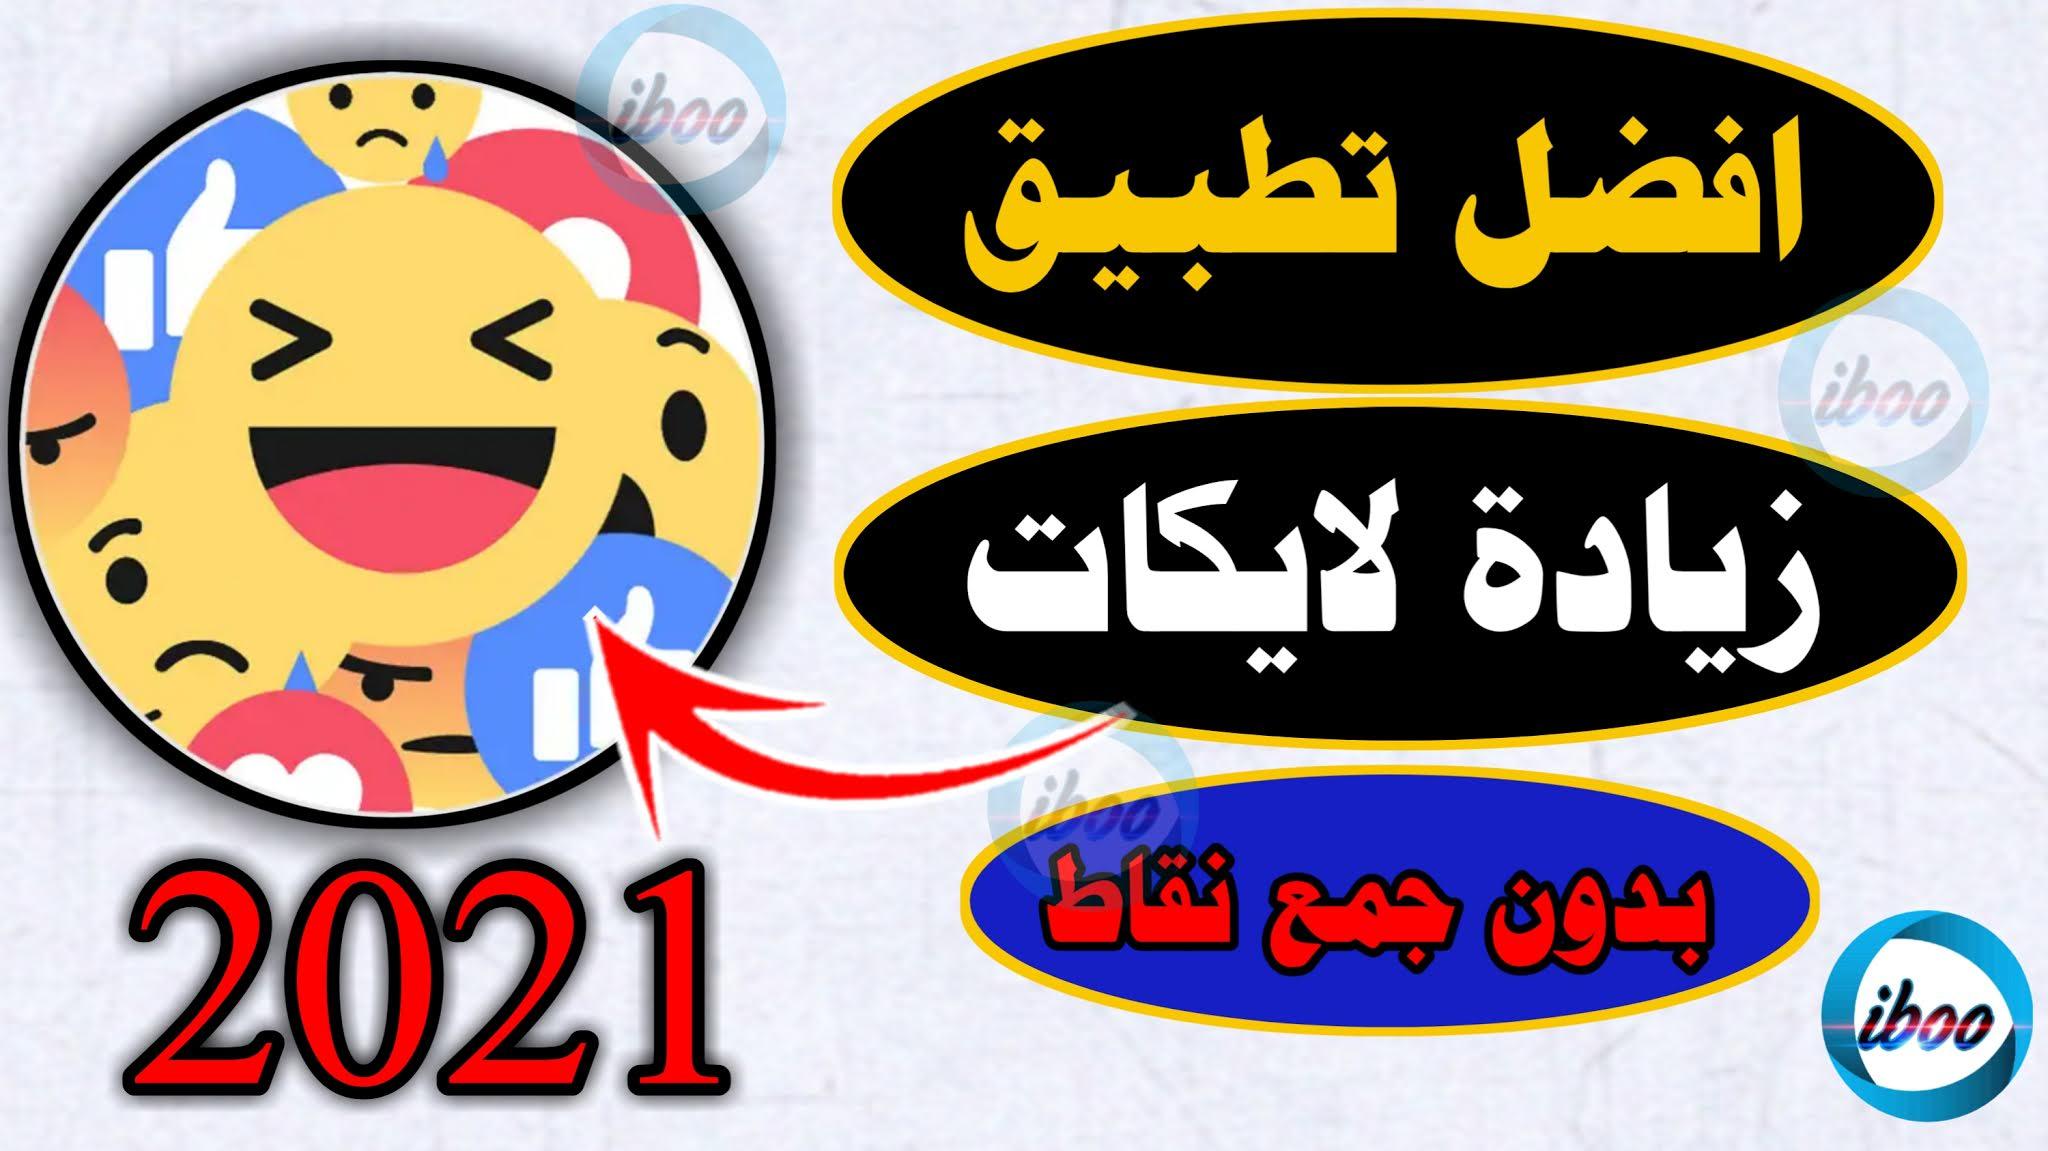 زيادة لايكات الفيس بوك 2021 عربية واجنبية بطريقة مضمونة